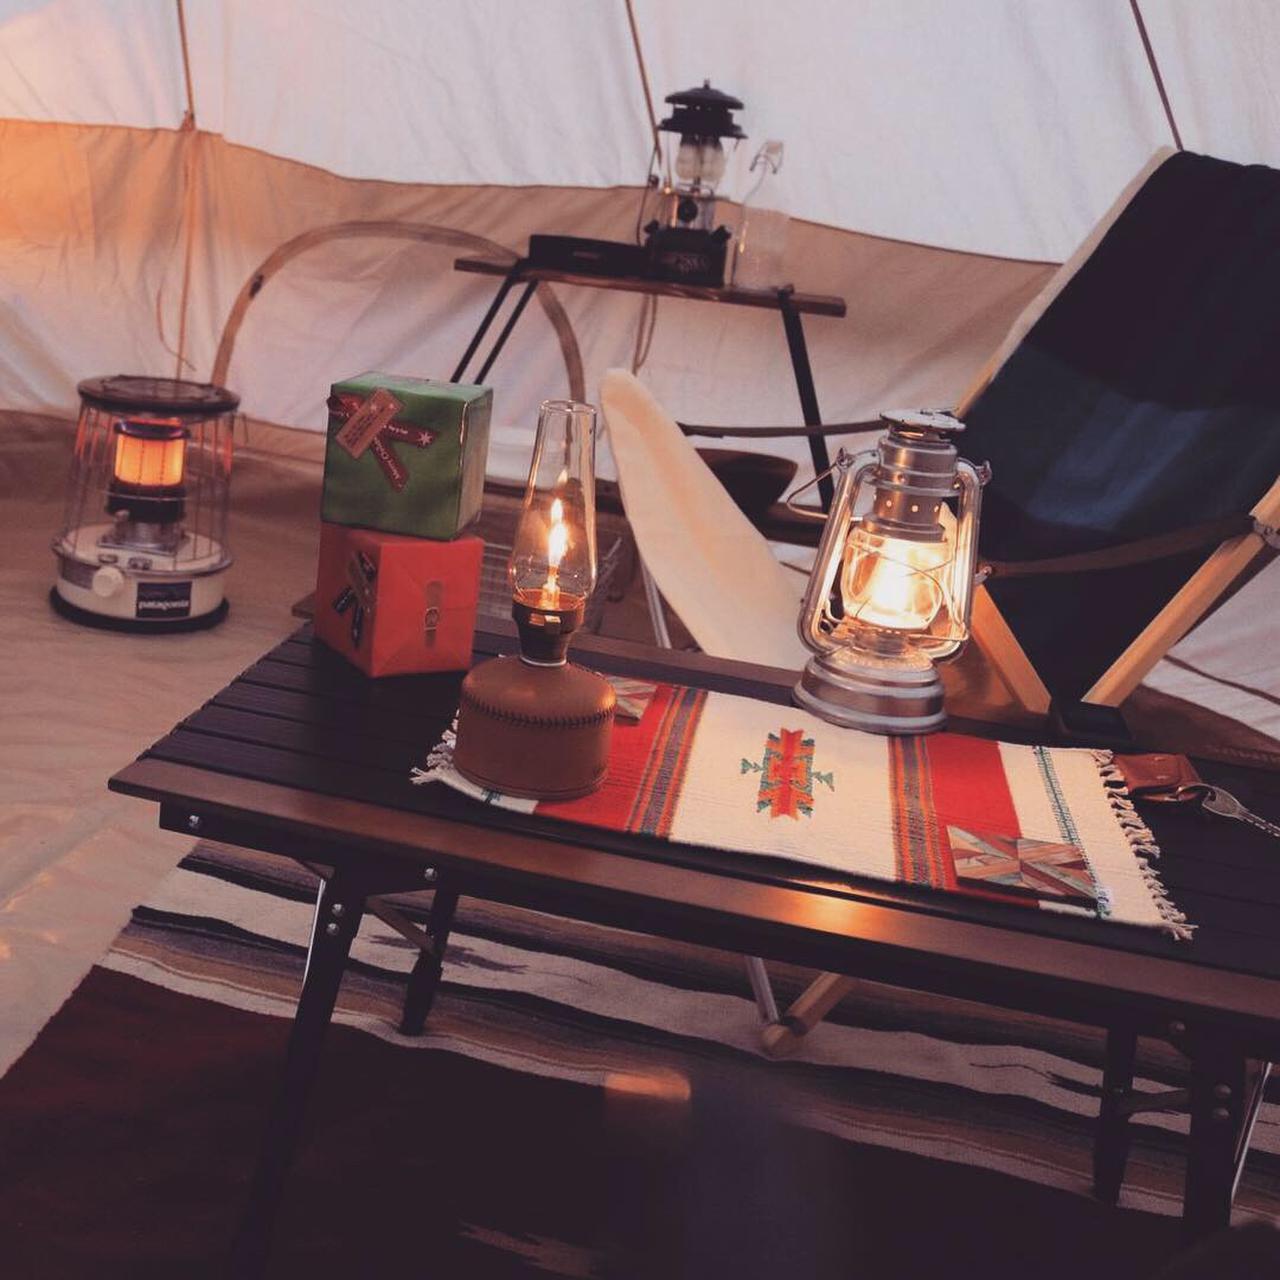 画像: テント内での薪・石油ストーブの使用は危険性が伴う! 冬キャンプは防寒対策・安全対策が重要!